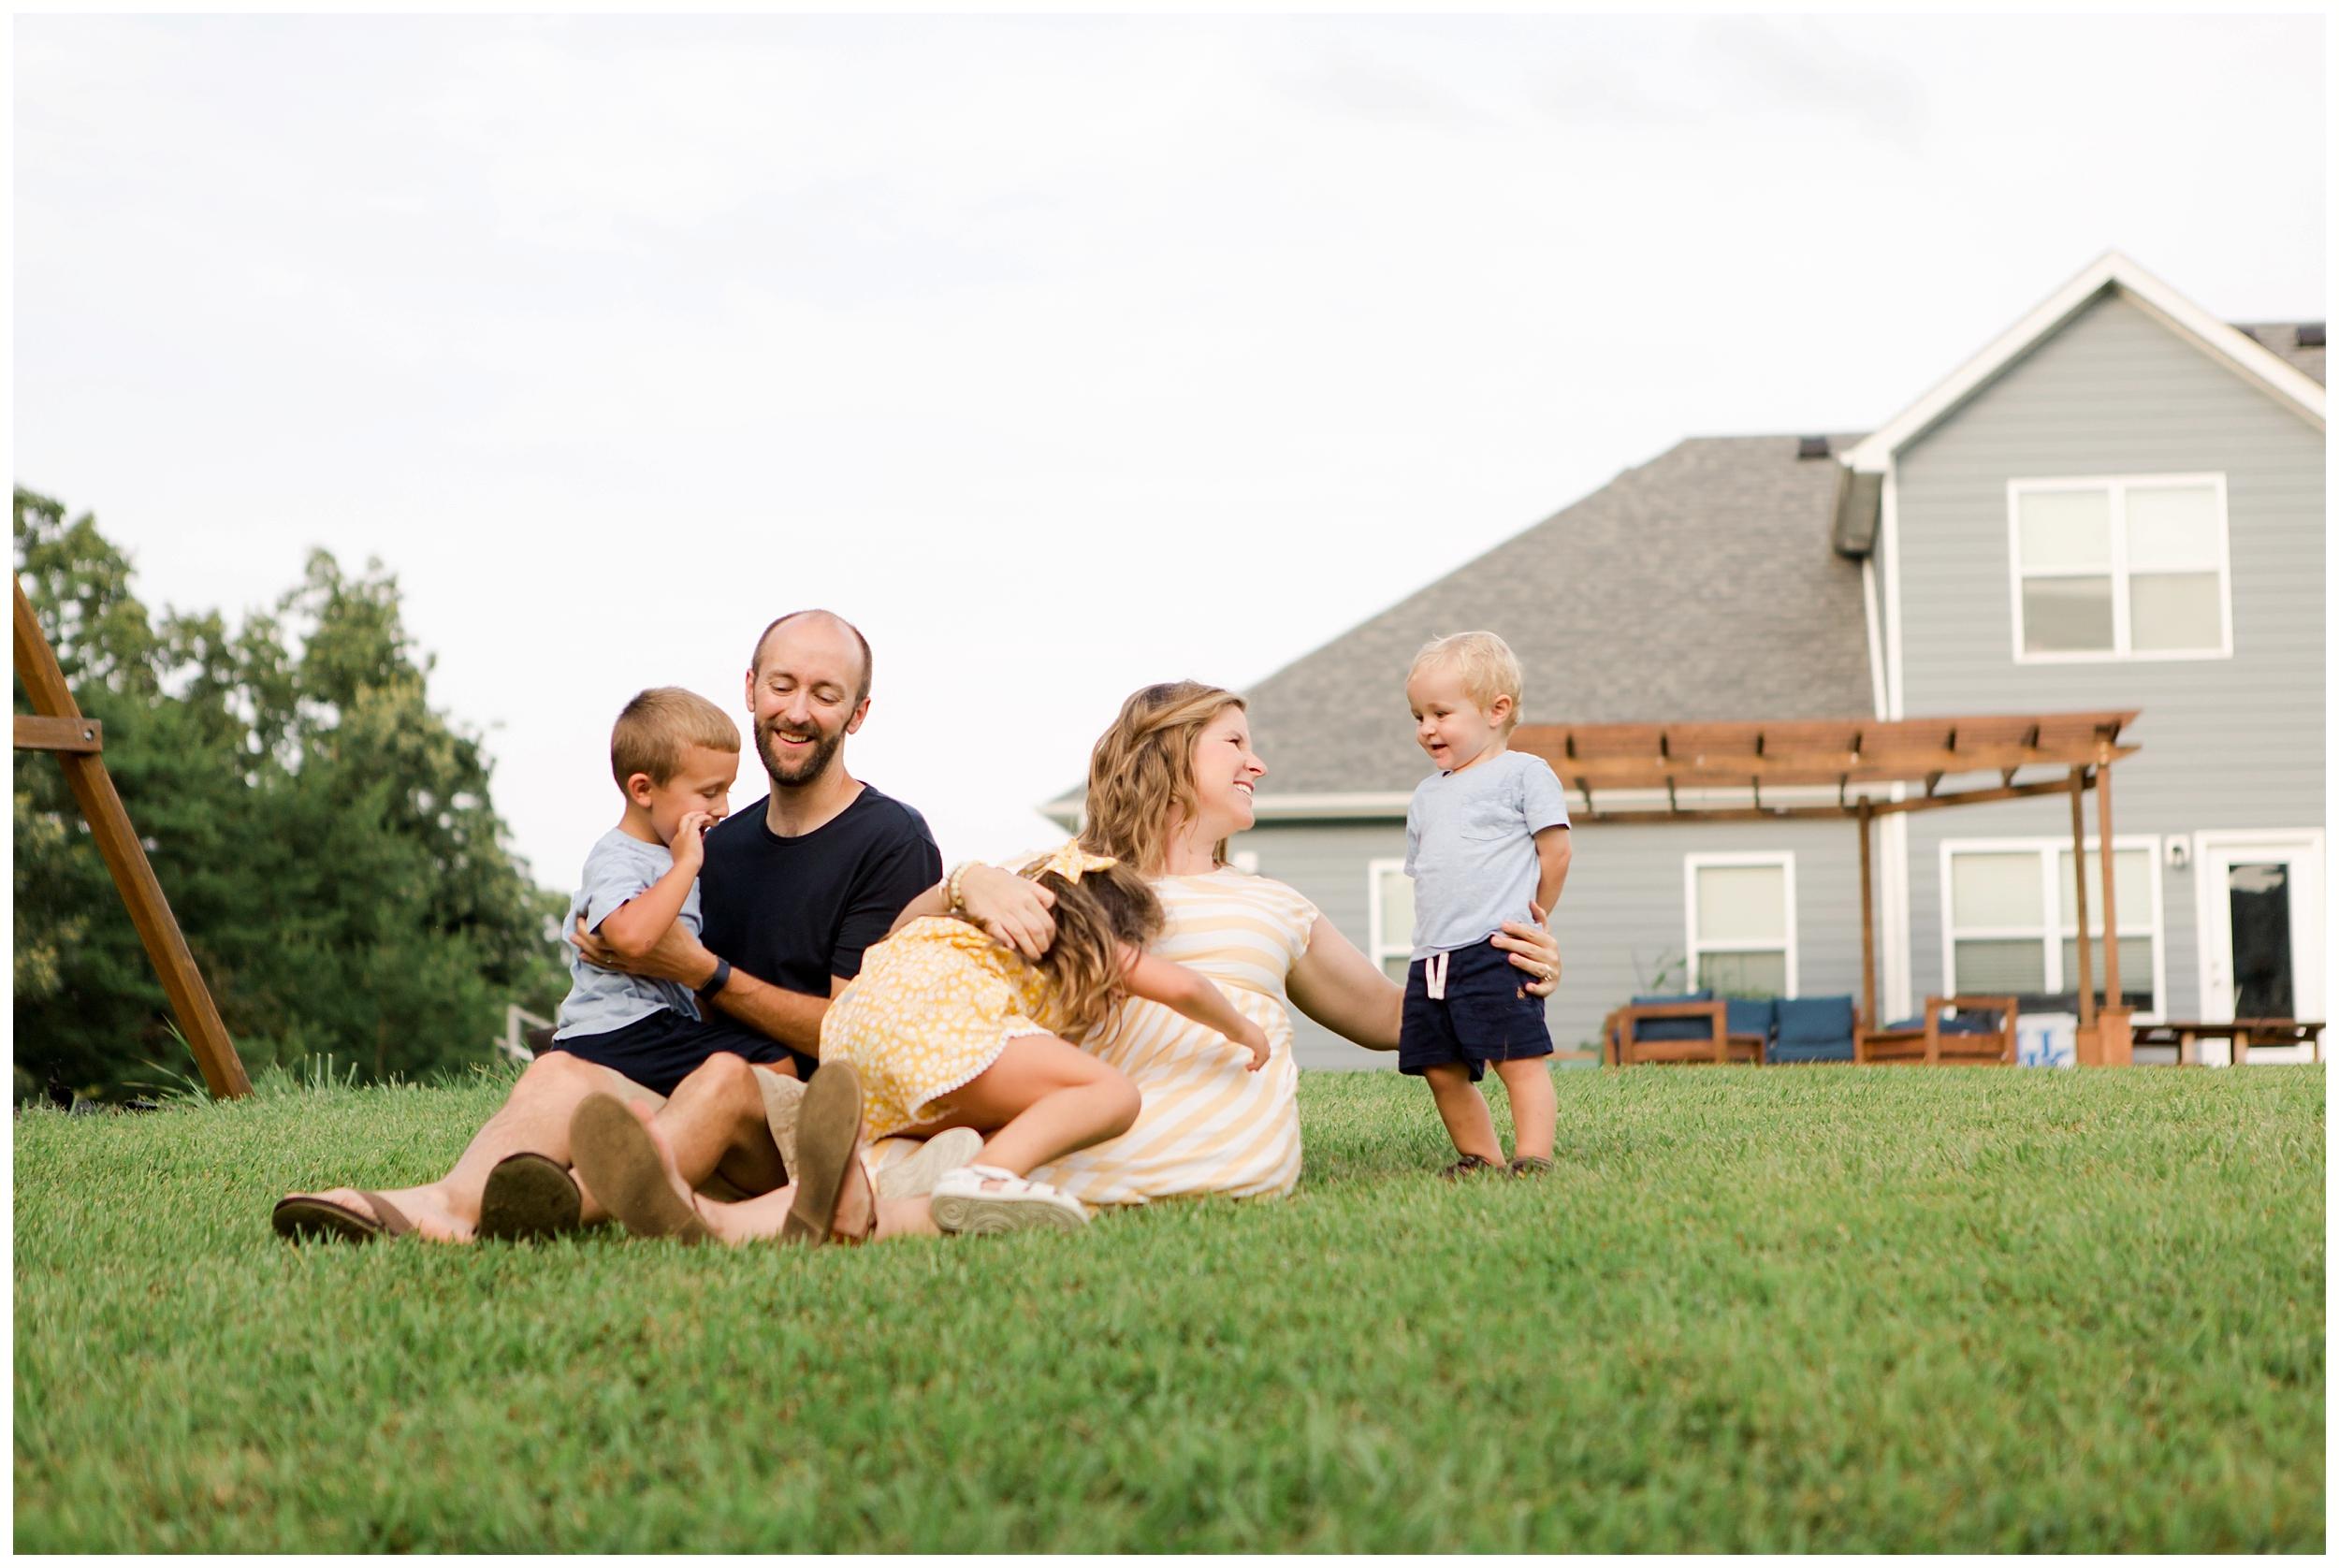 lexington-ky-family-lifestyle-photos-by-priscilla-baierlein_0658.jpg